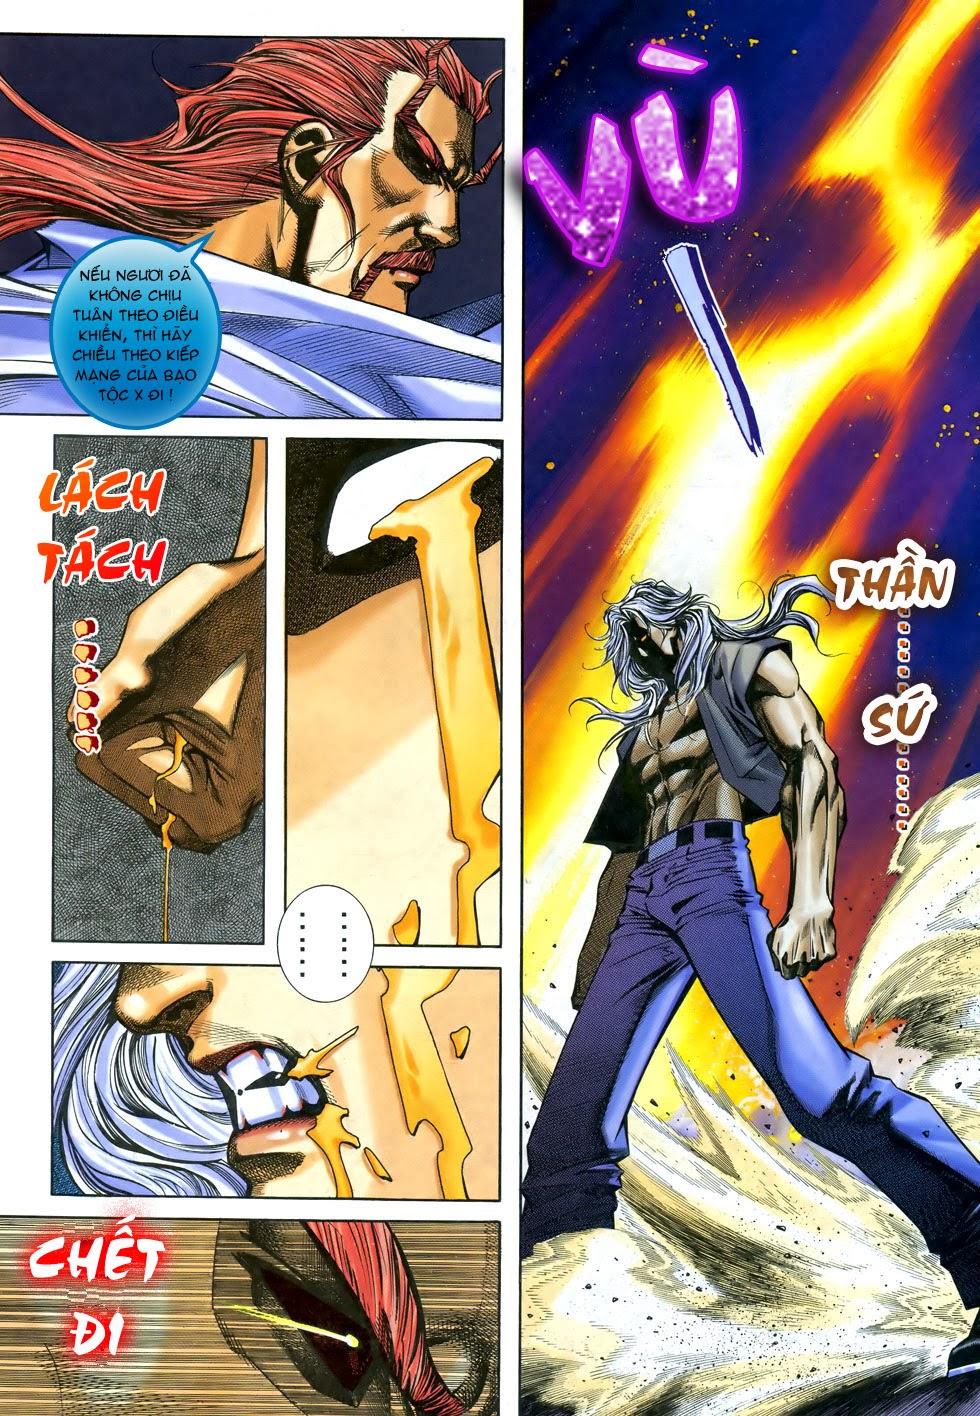 X Bạo Tộc chap 68 - Trang 13